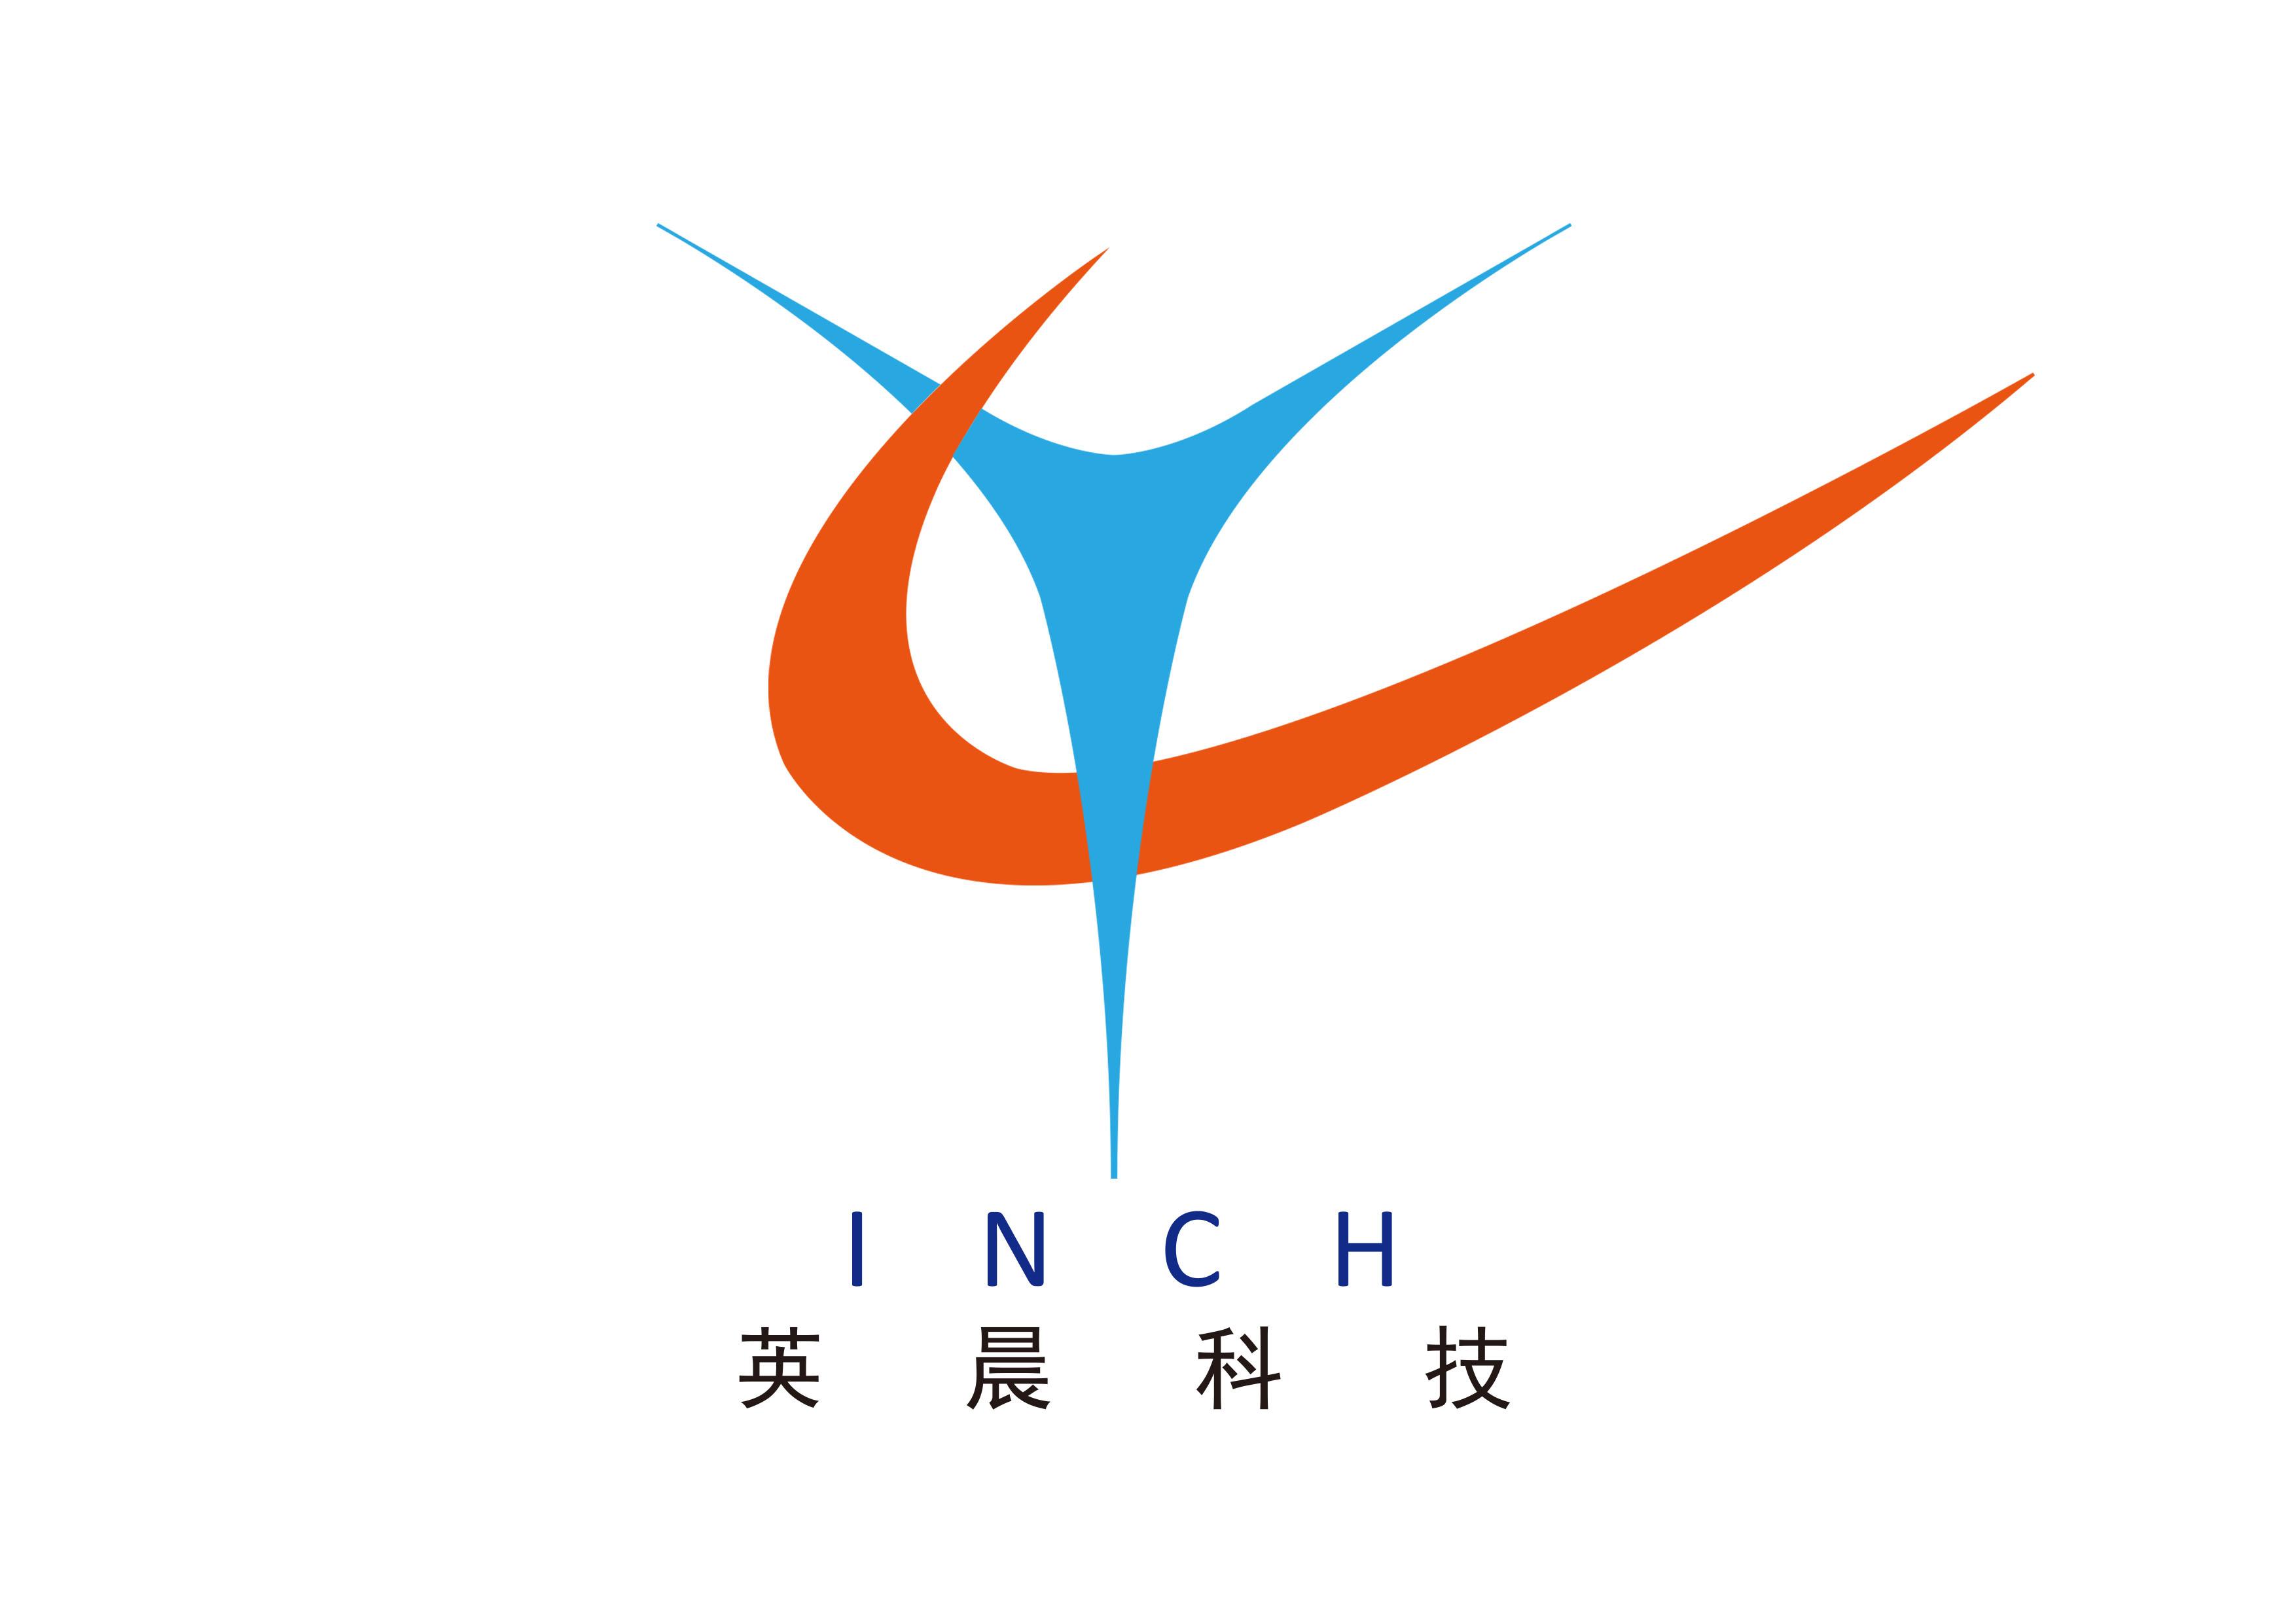 公司logo/名片设计_ljy渊_logo设计_1810485_一品威客